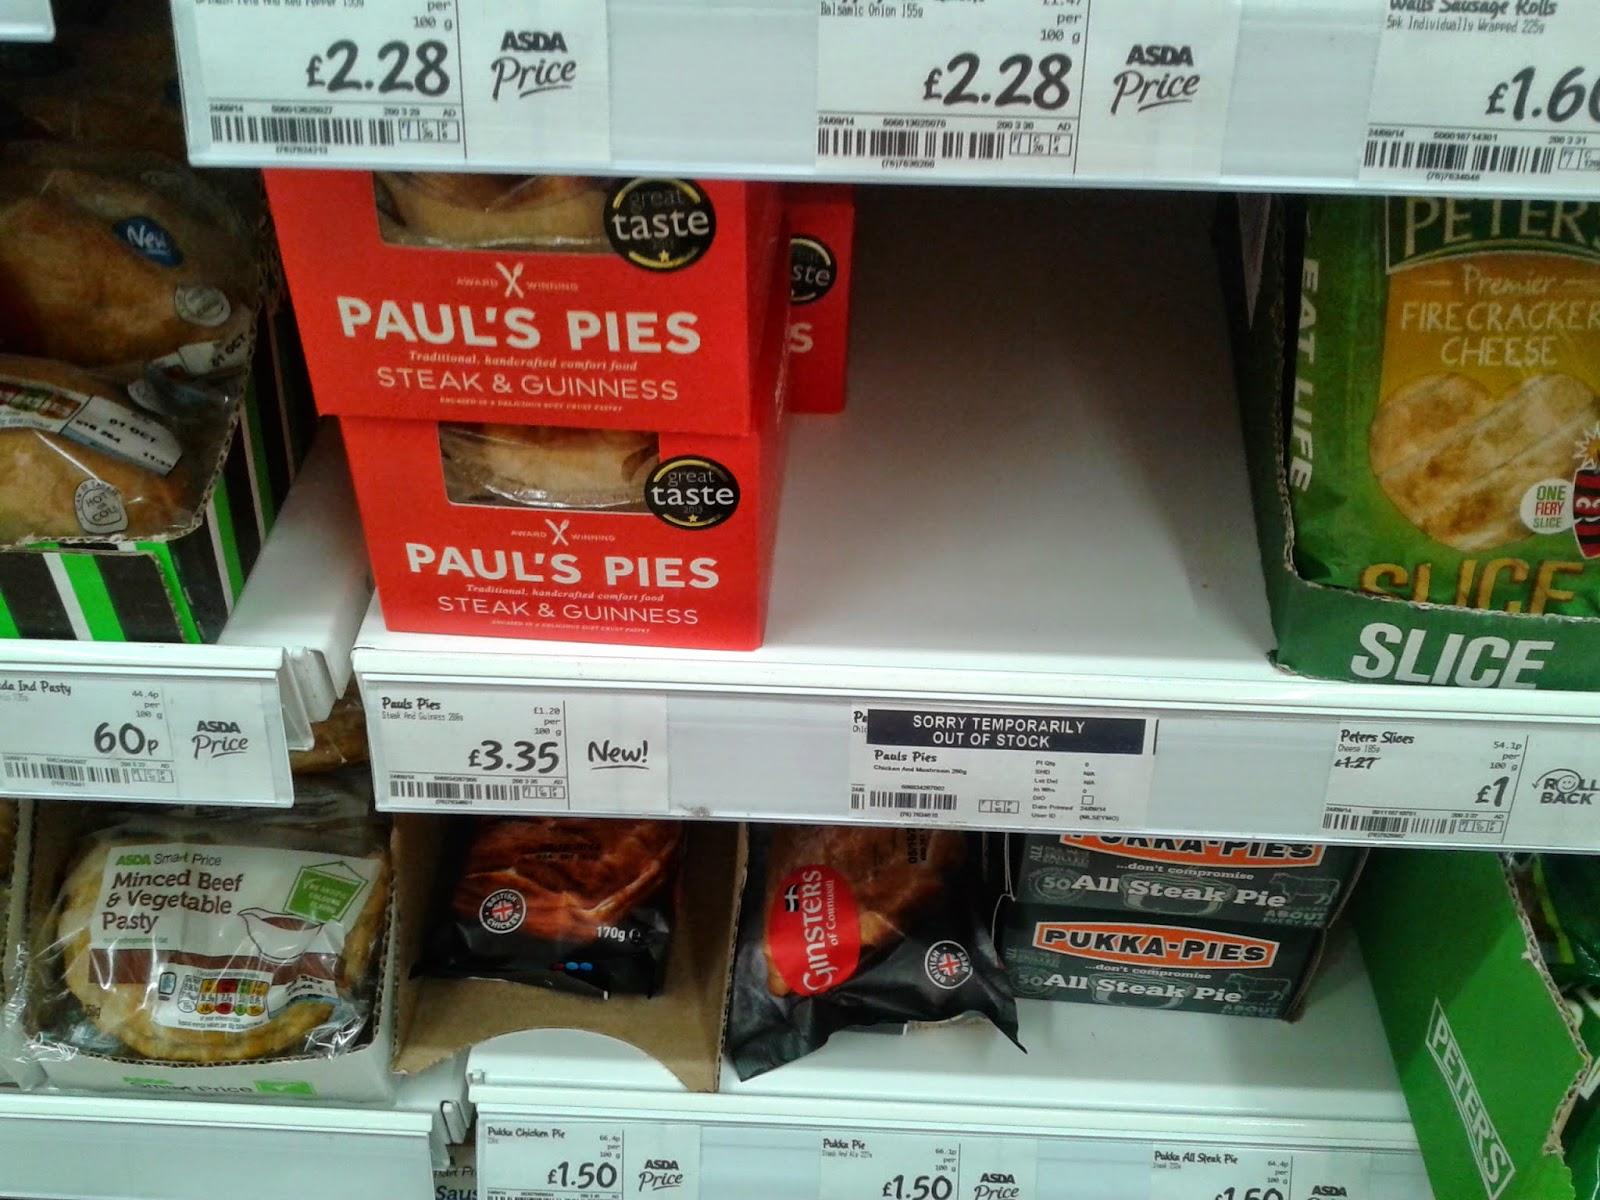 ASDA Pie shelf